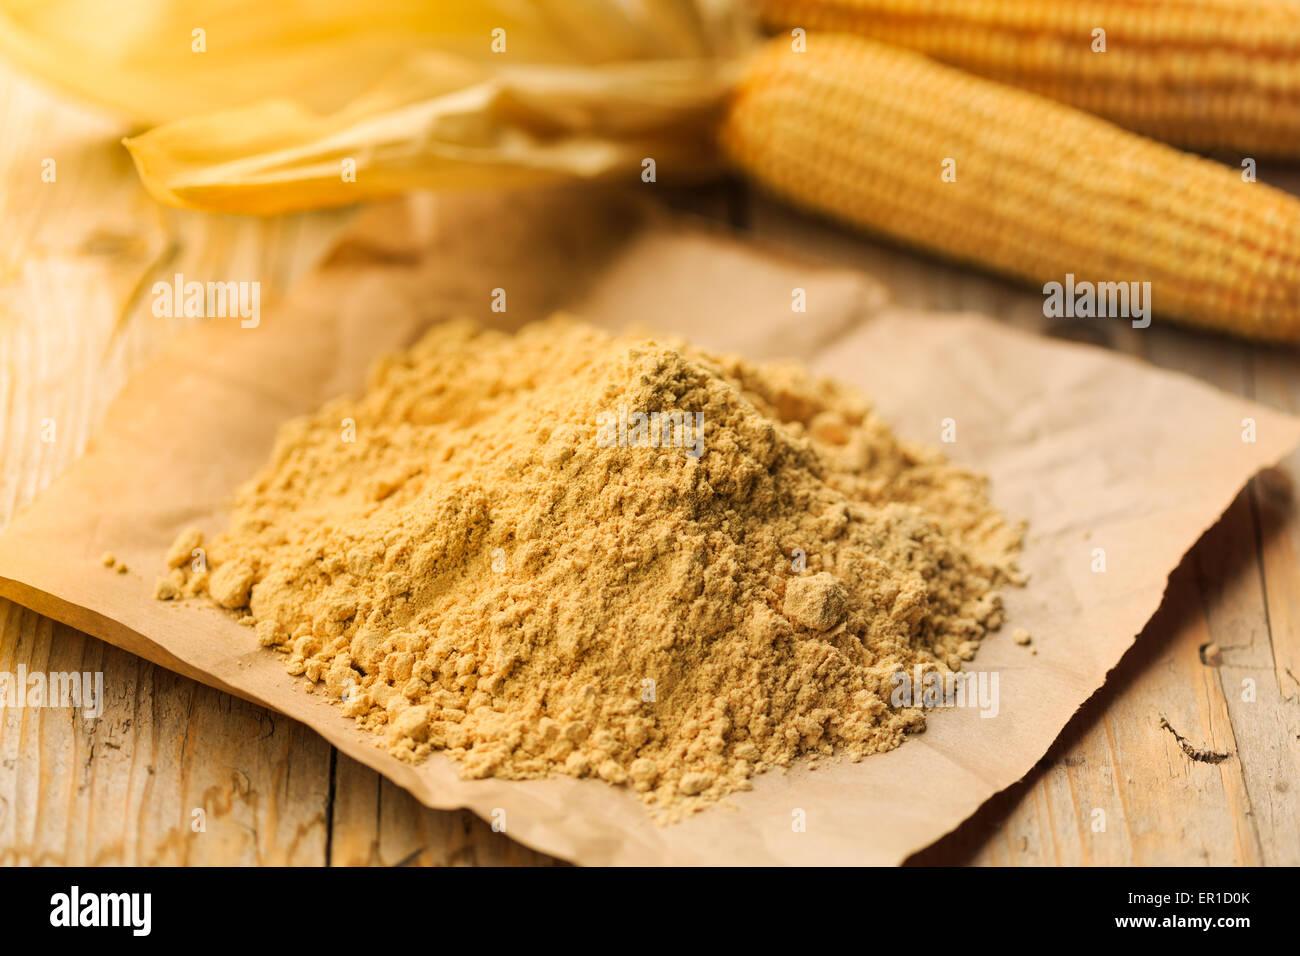 Farina Bona (gutes Mehl) ein traditionelles Produkt aus Tessin, Schweiz, ist eine Art von Mais Mehl fein mahlen Stockbild